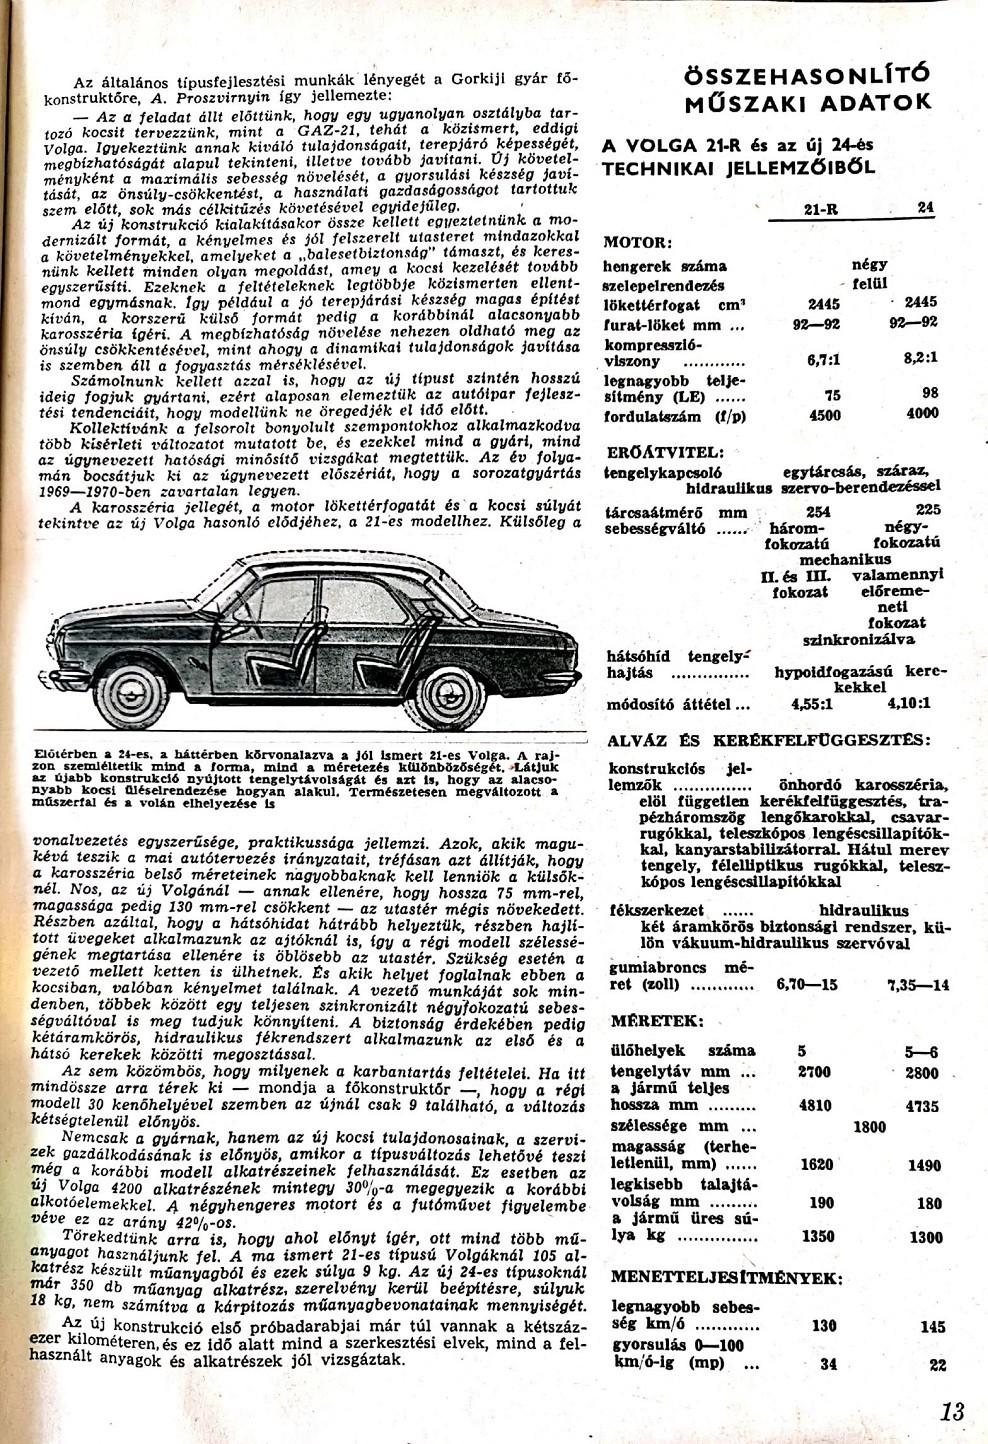 am Volga M24